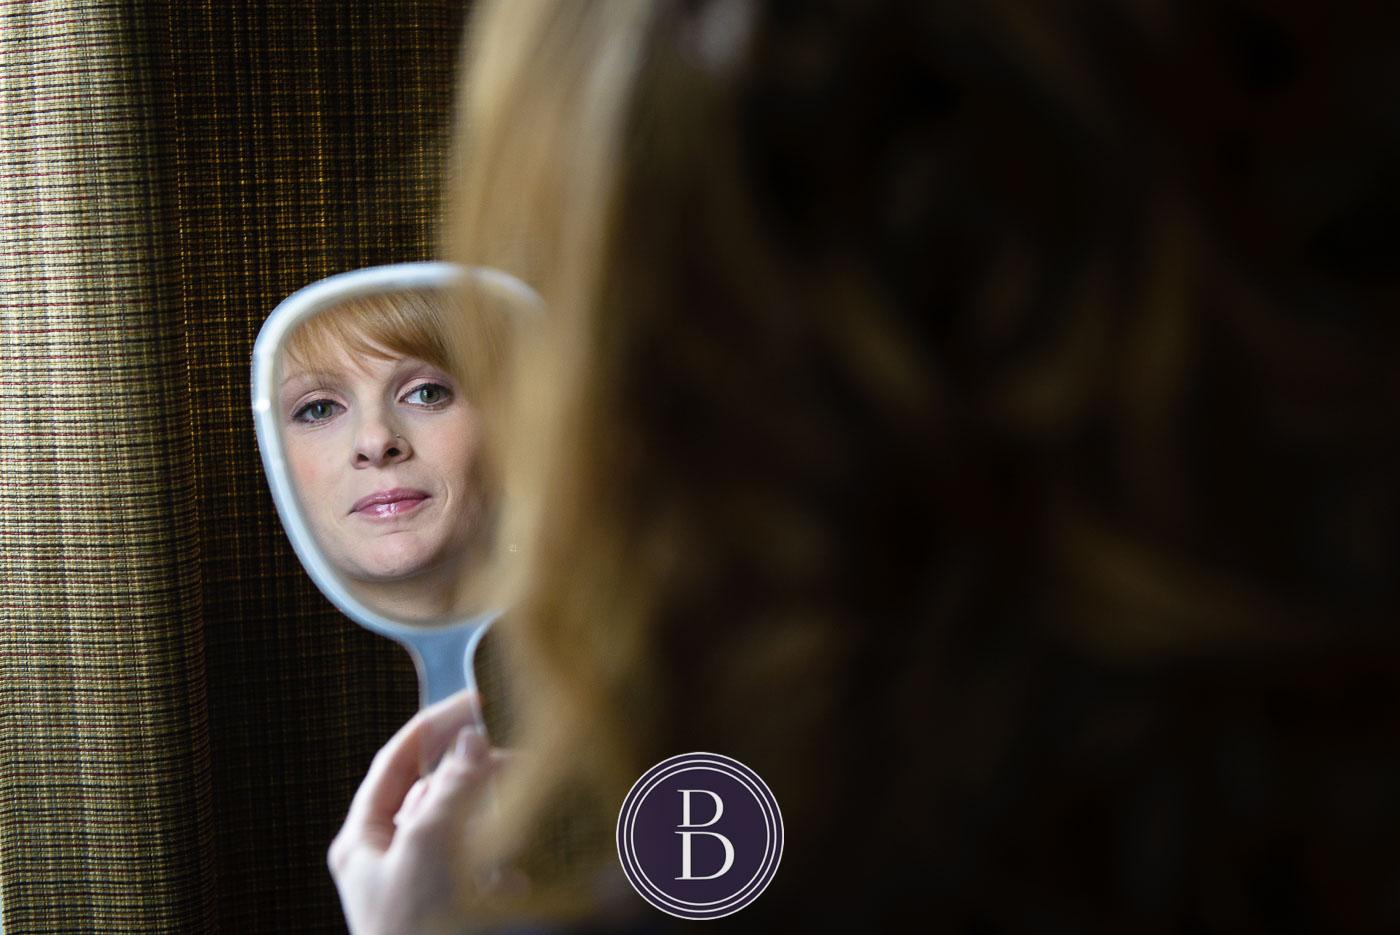 Bride getting ready mirror